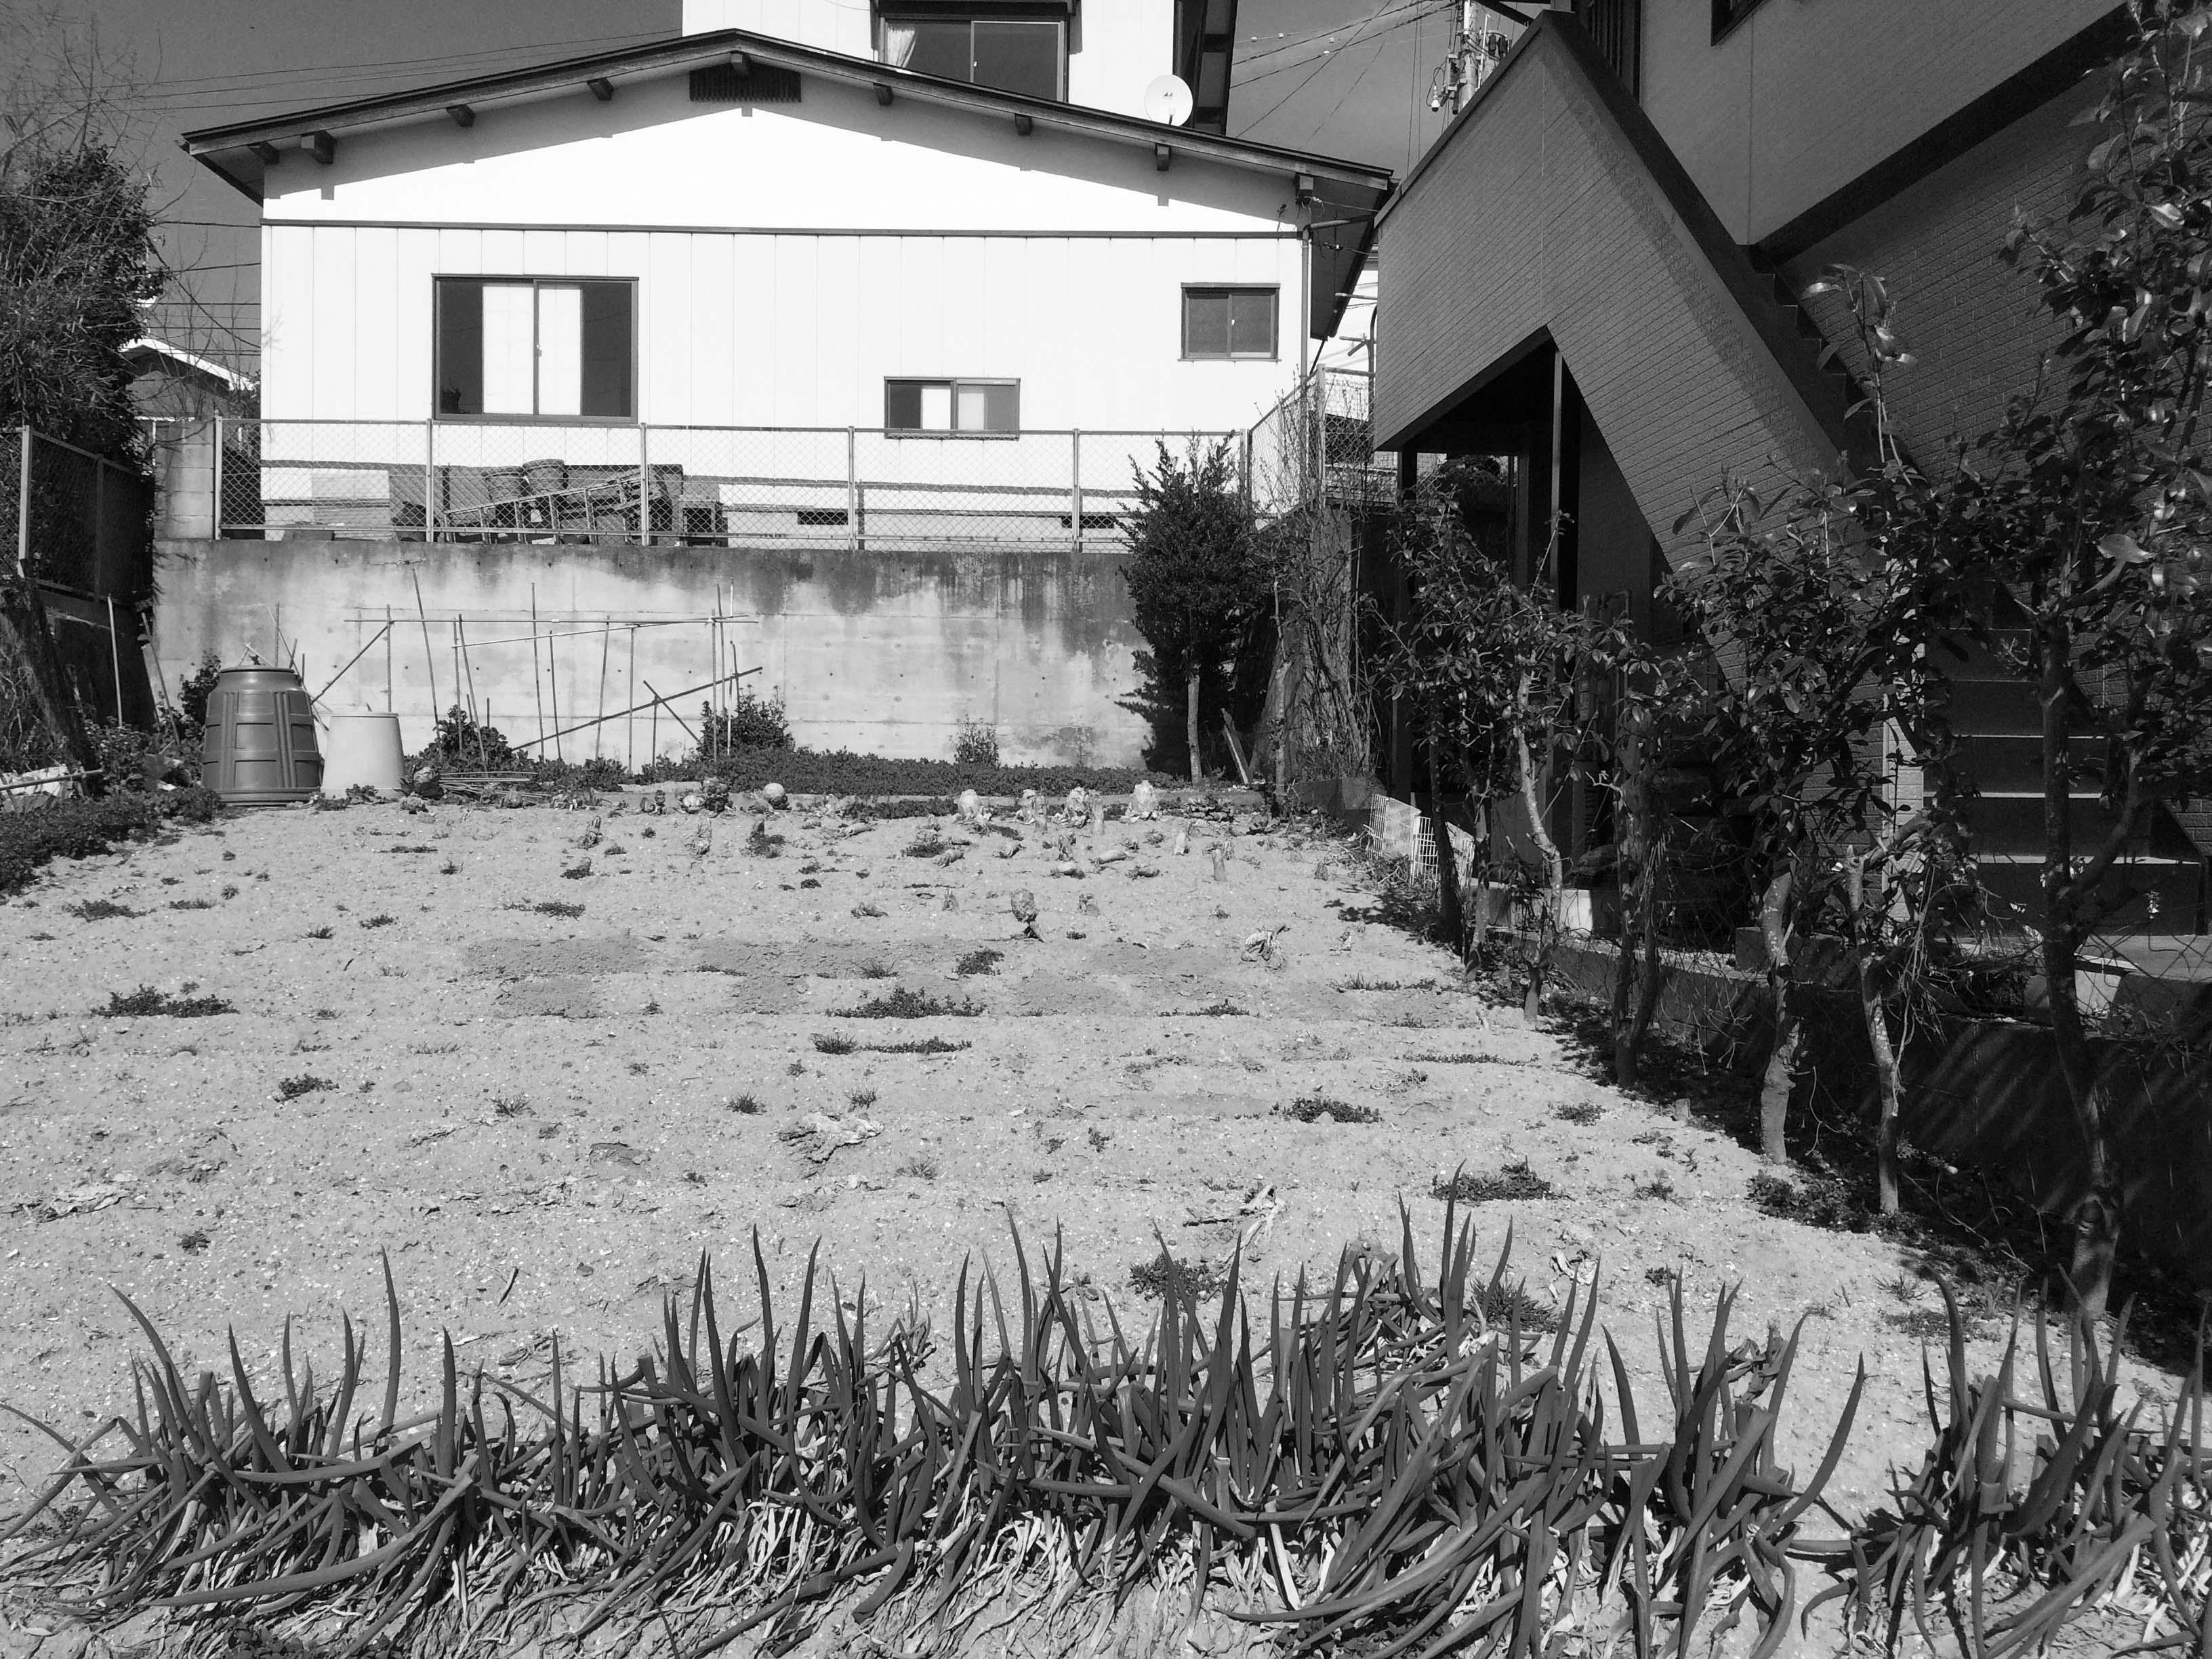 塩竈市N邸 エクステリアリフォーム 388万円(※メッシュフェンス込)/工期1ヶ月半 施工前